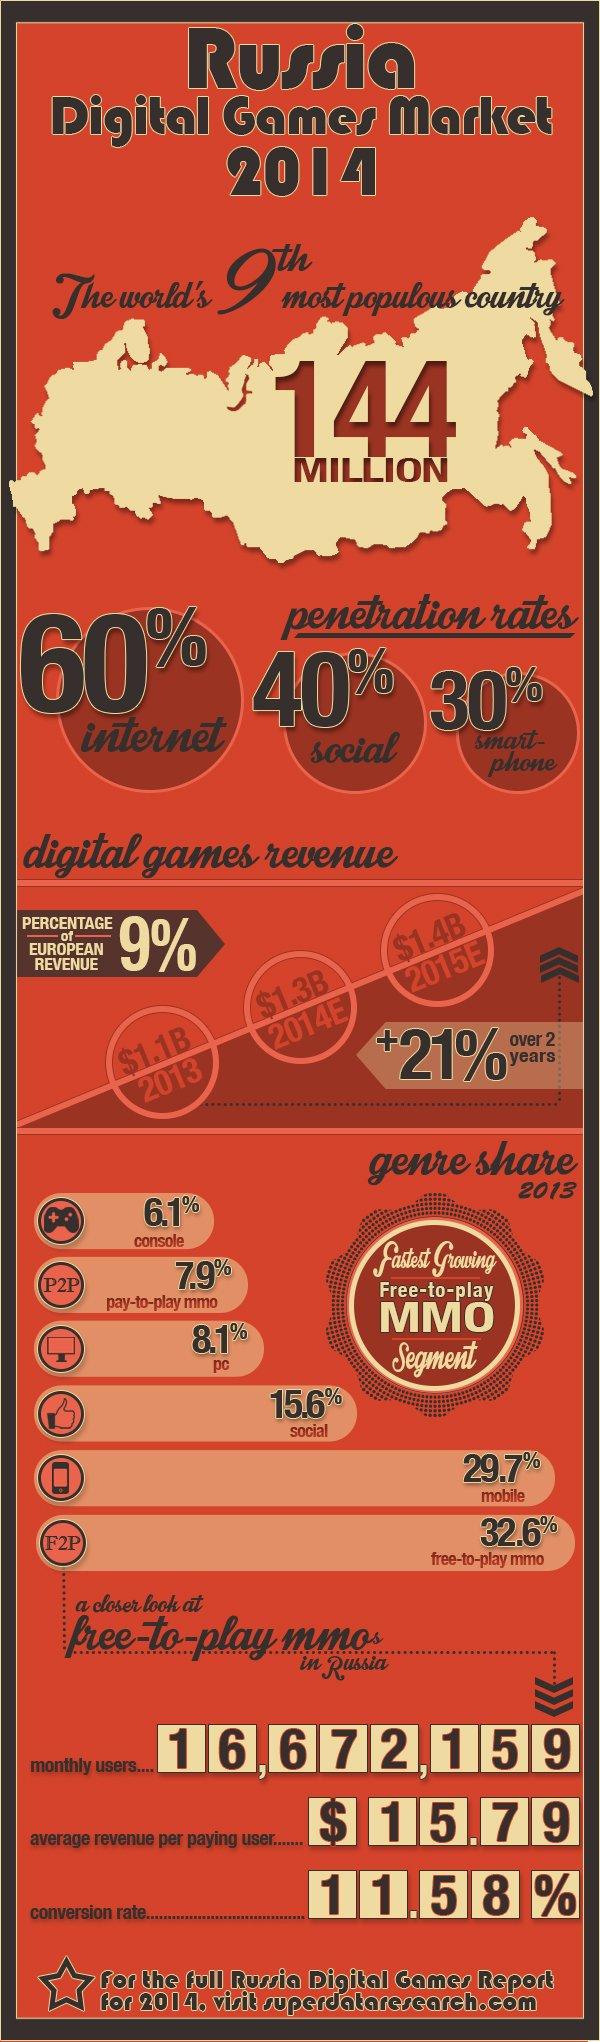 Российский рынок цифровых игр оценили в $1,1 млрд - Изображение 1